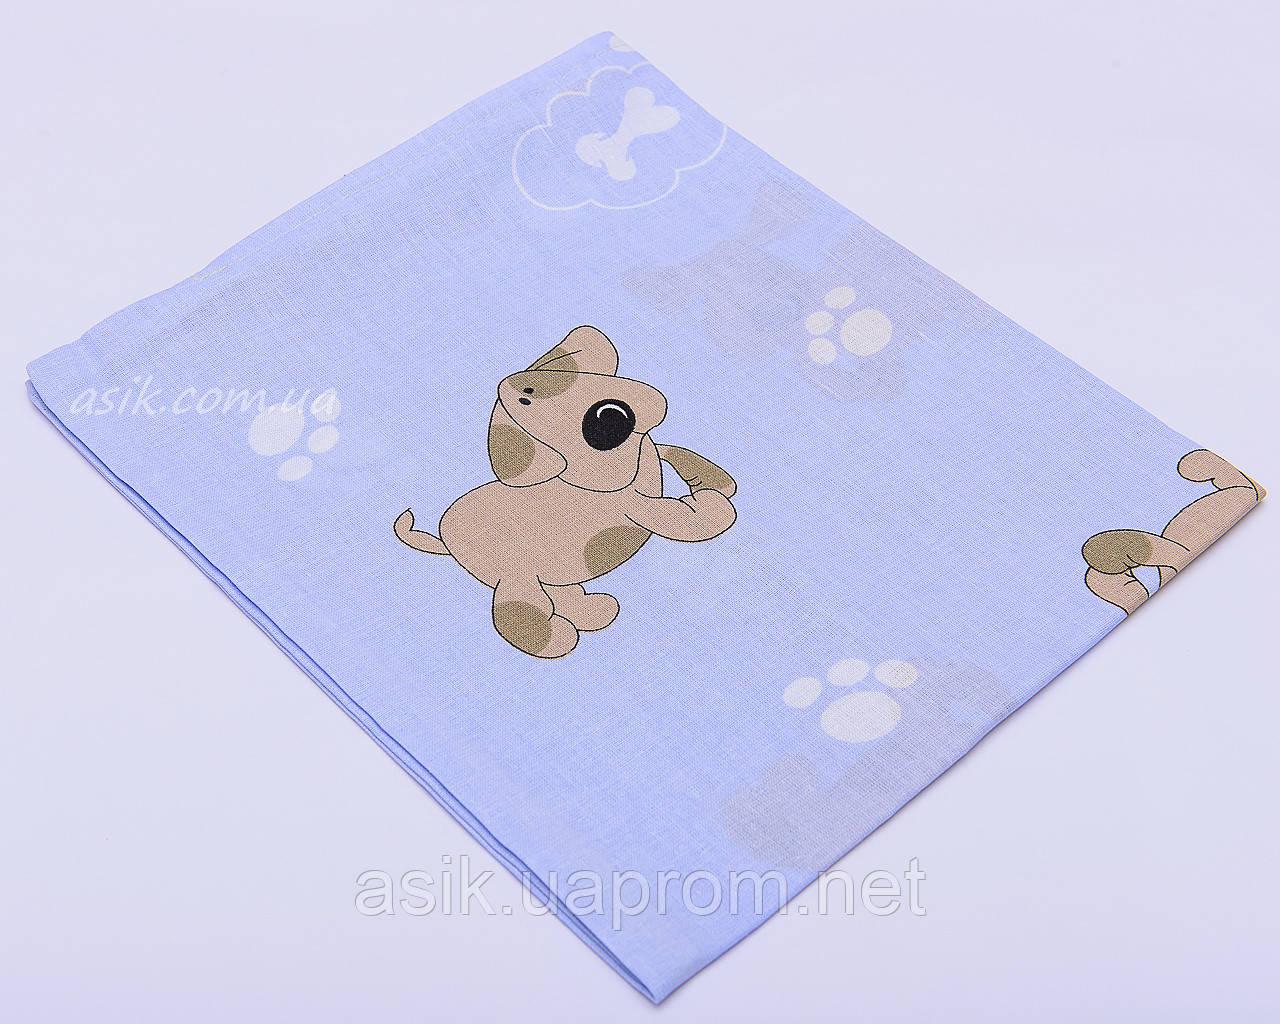 Наволочка детская 40*60 на молнии голубого цвета 6-018